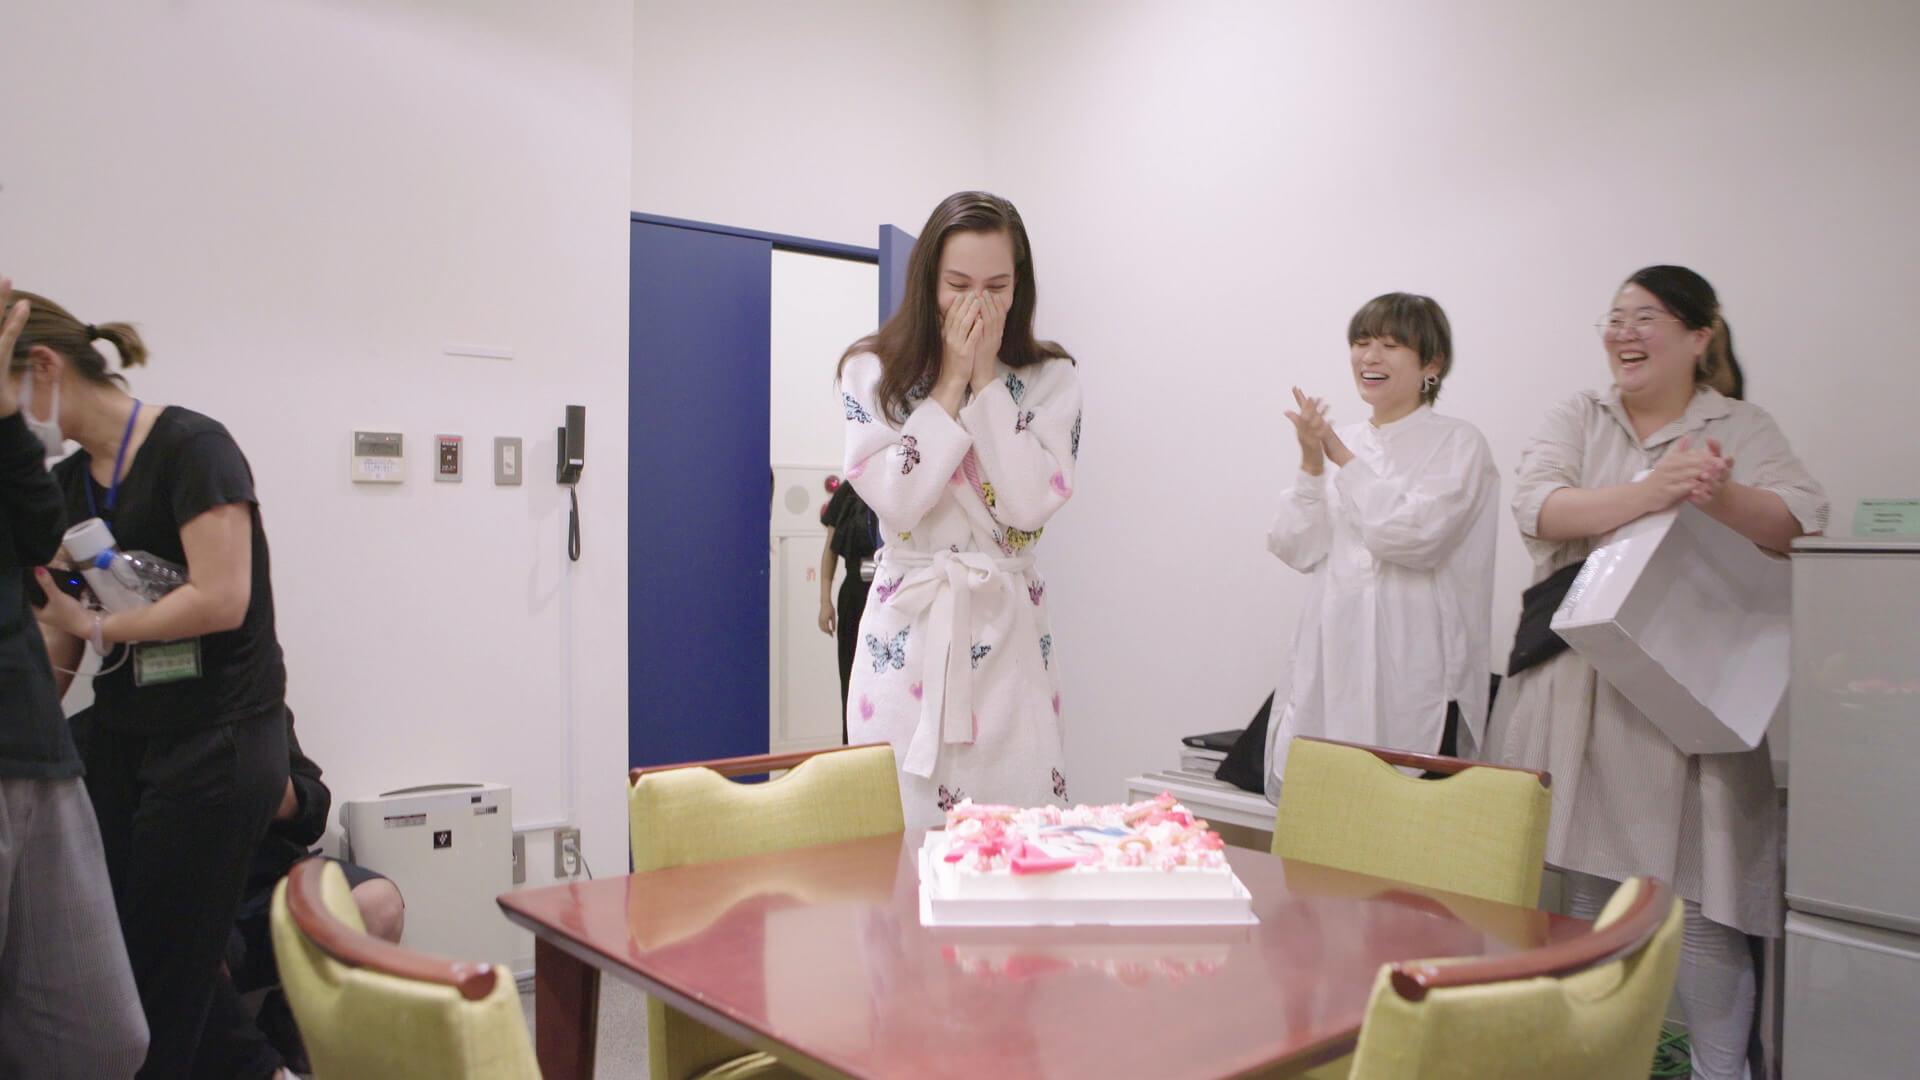 水原希子が誕生日前日にスタイリッシュなブラ姿を披露!ワコール『朝の谷間、ながもち、リボンブラ。』新動画公開 art191015_mizuharakiko_wacole_3